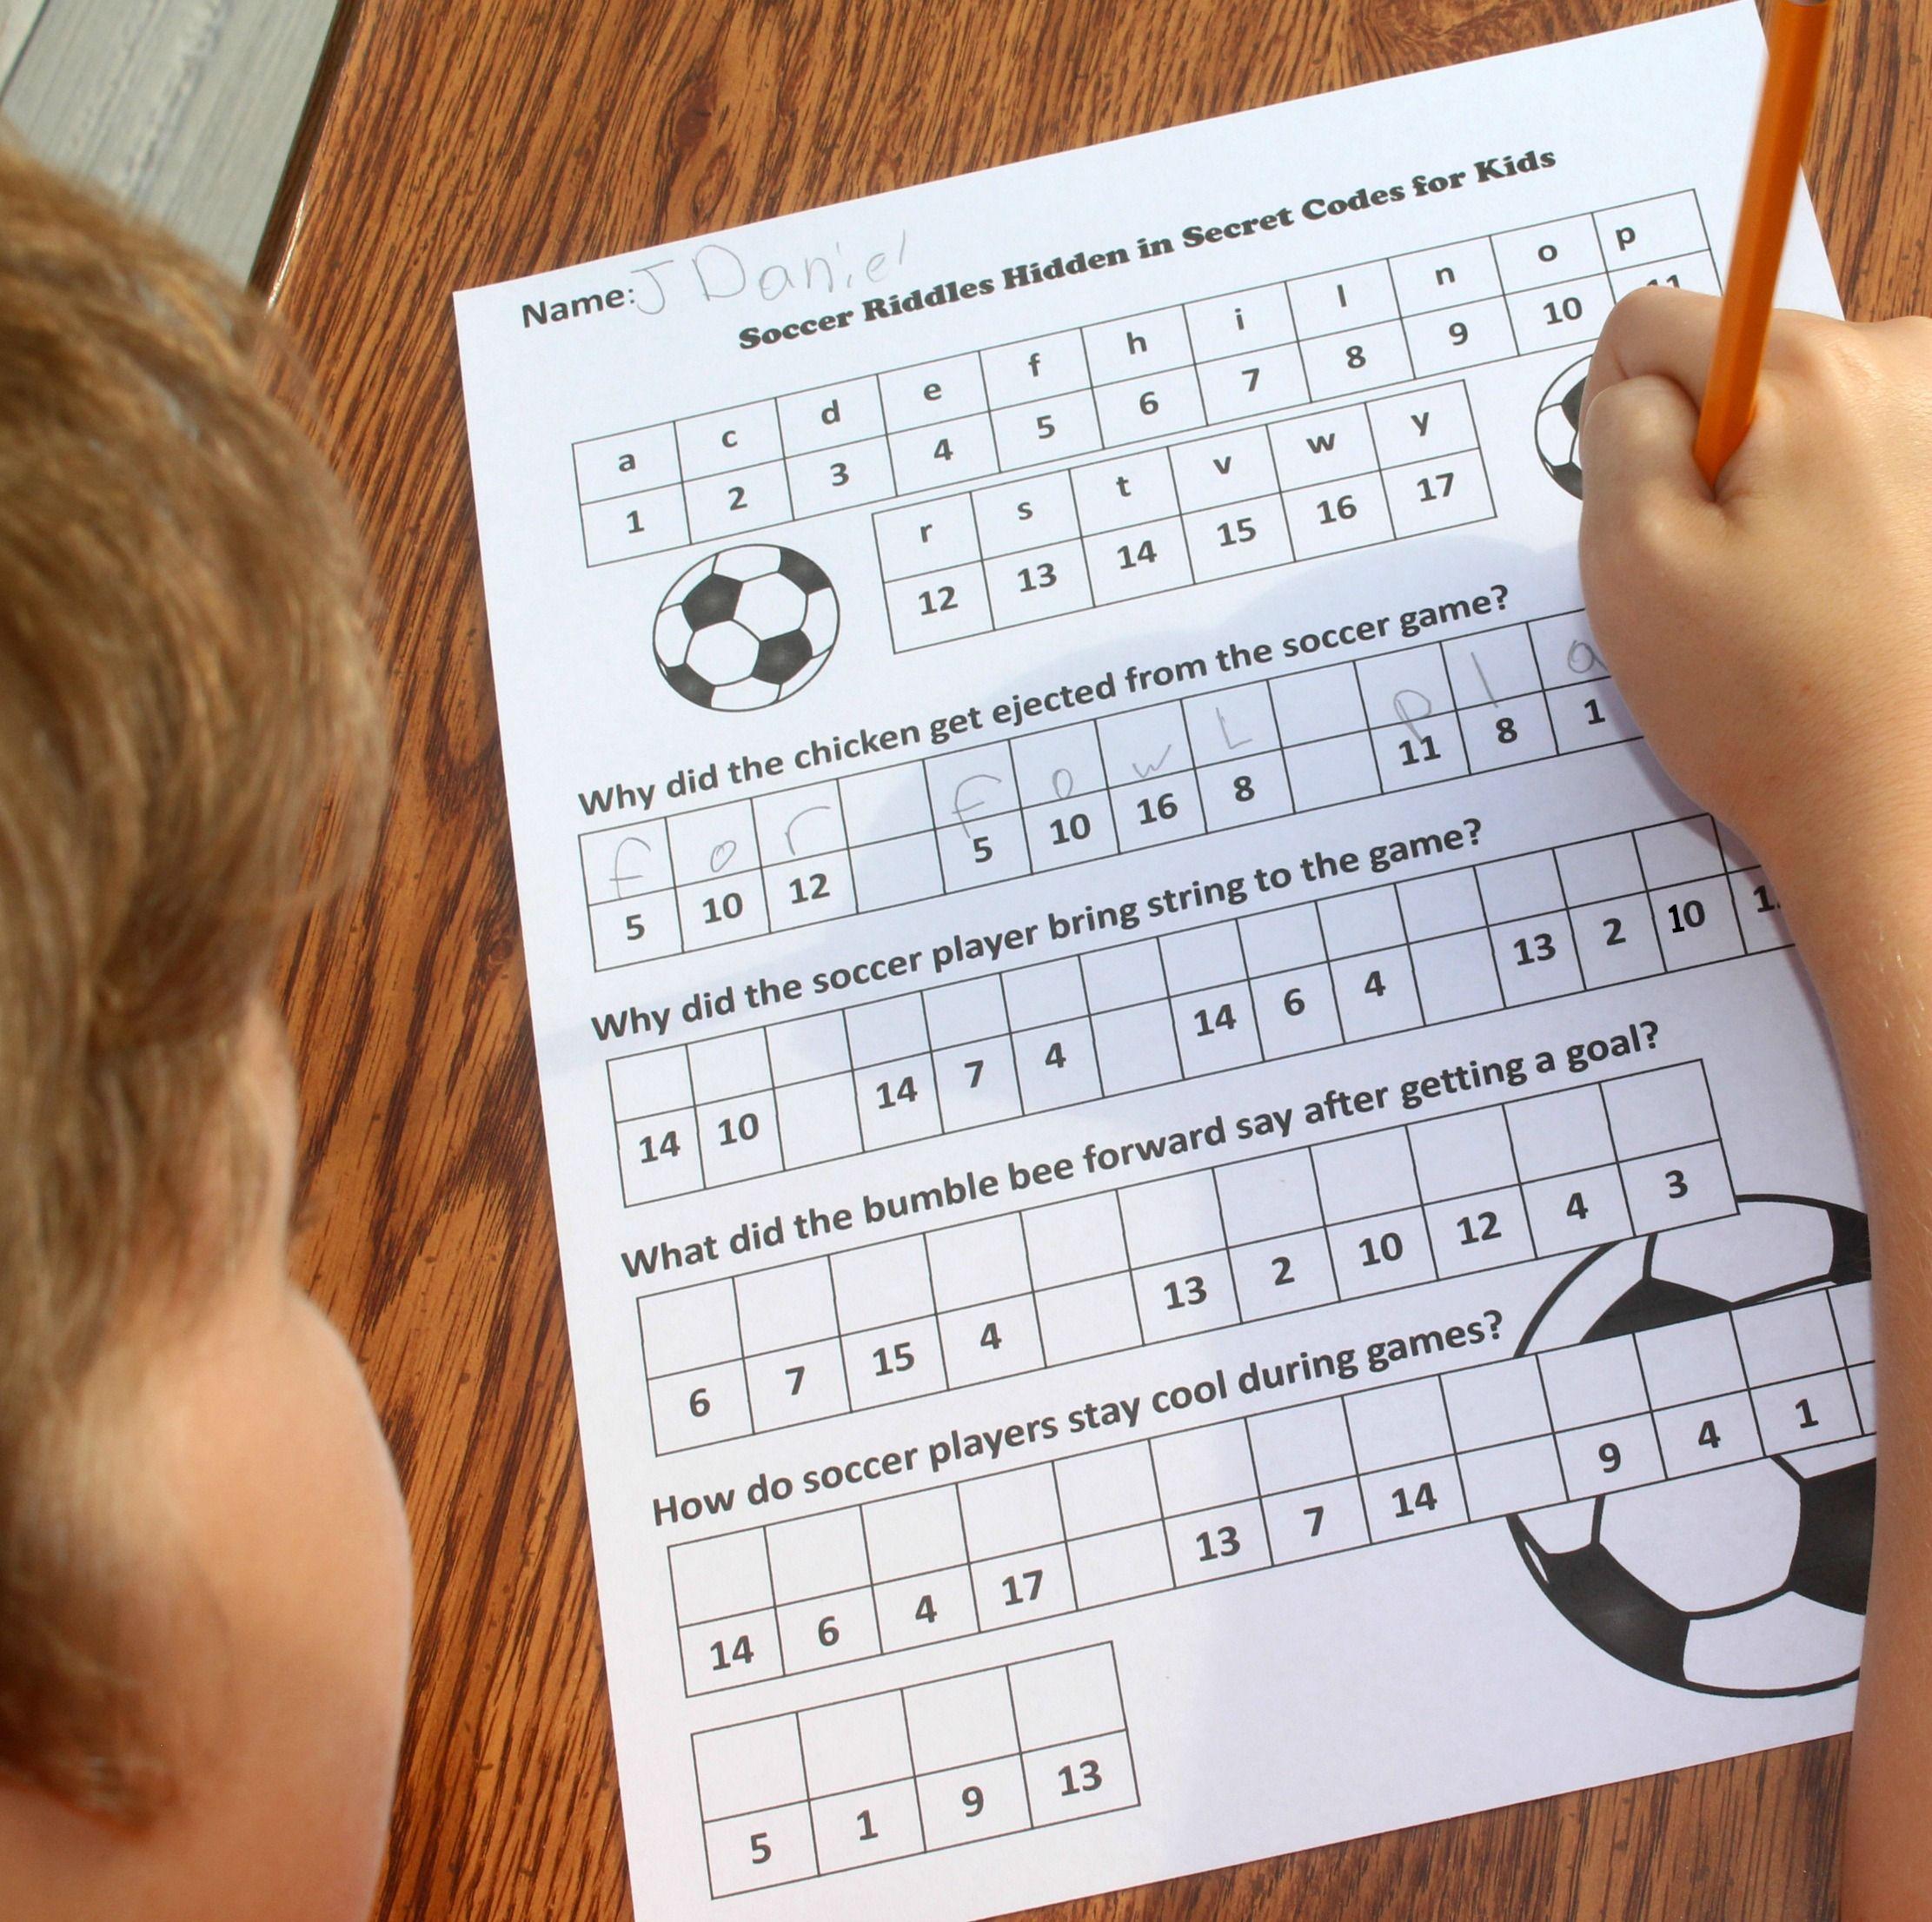 Soccer Riddles Hidden In Secret Codes For Kids Riddles